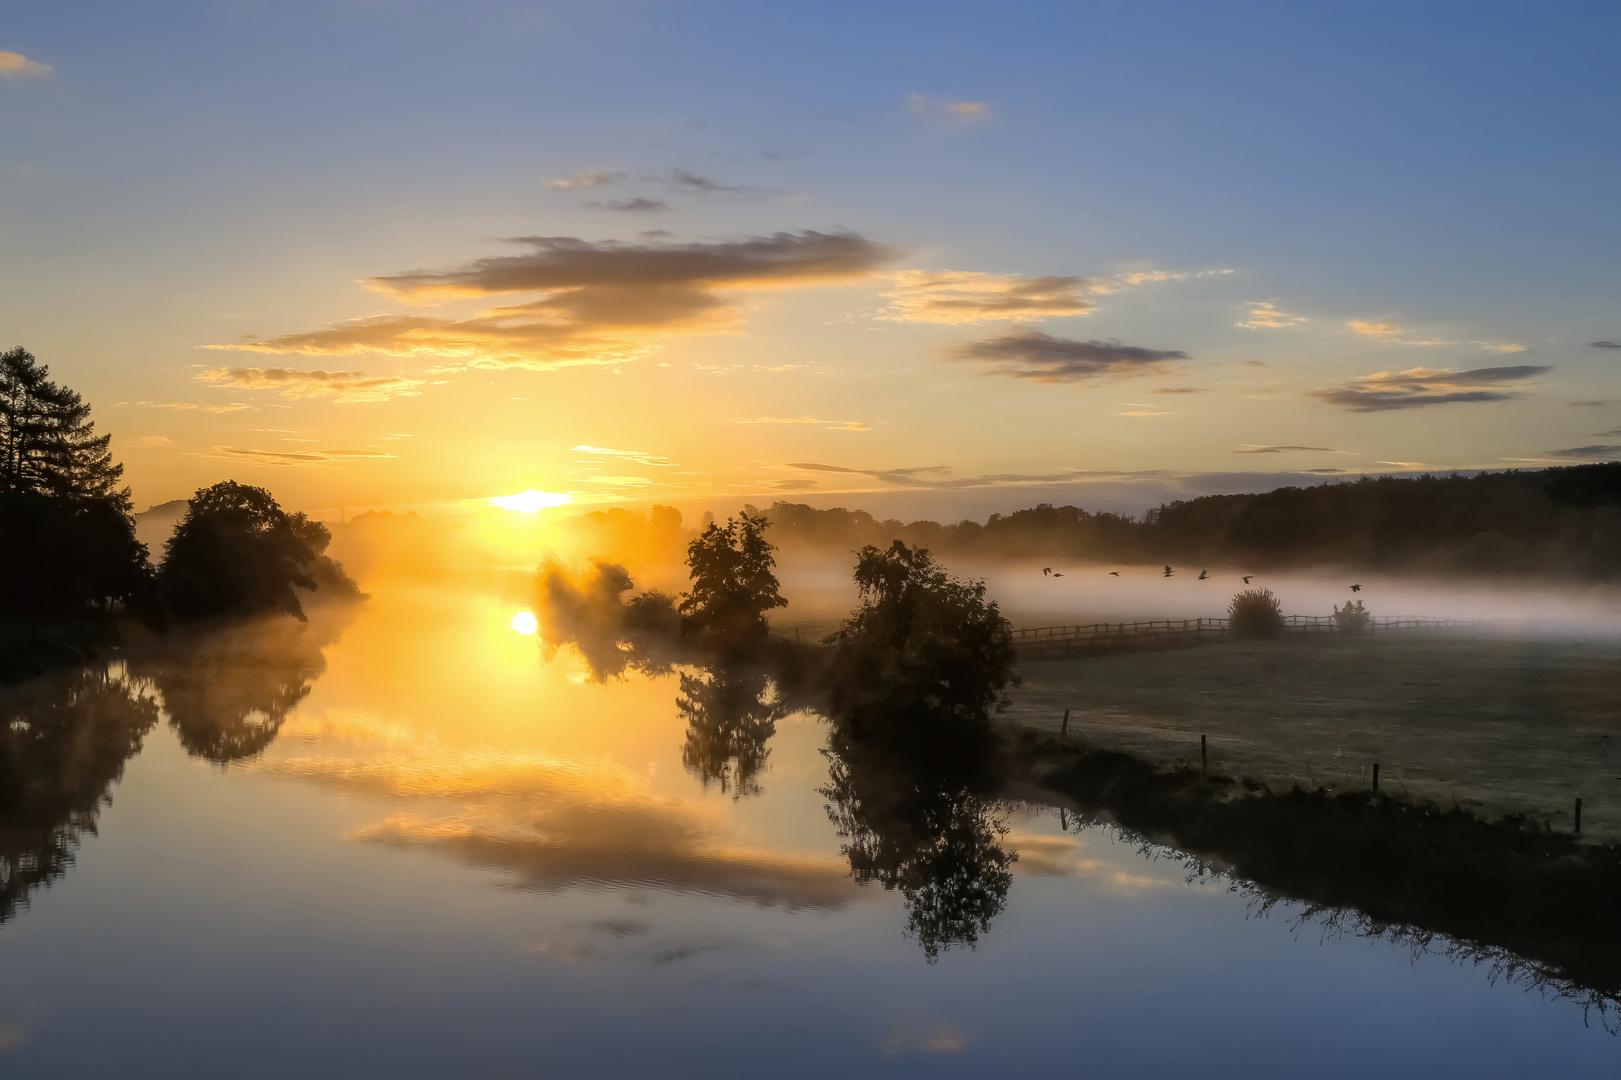 Sonne, Nebel und Vogelflug